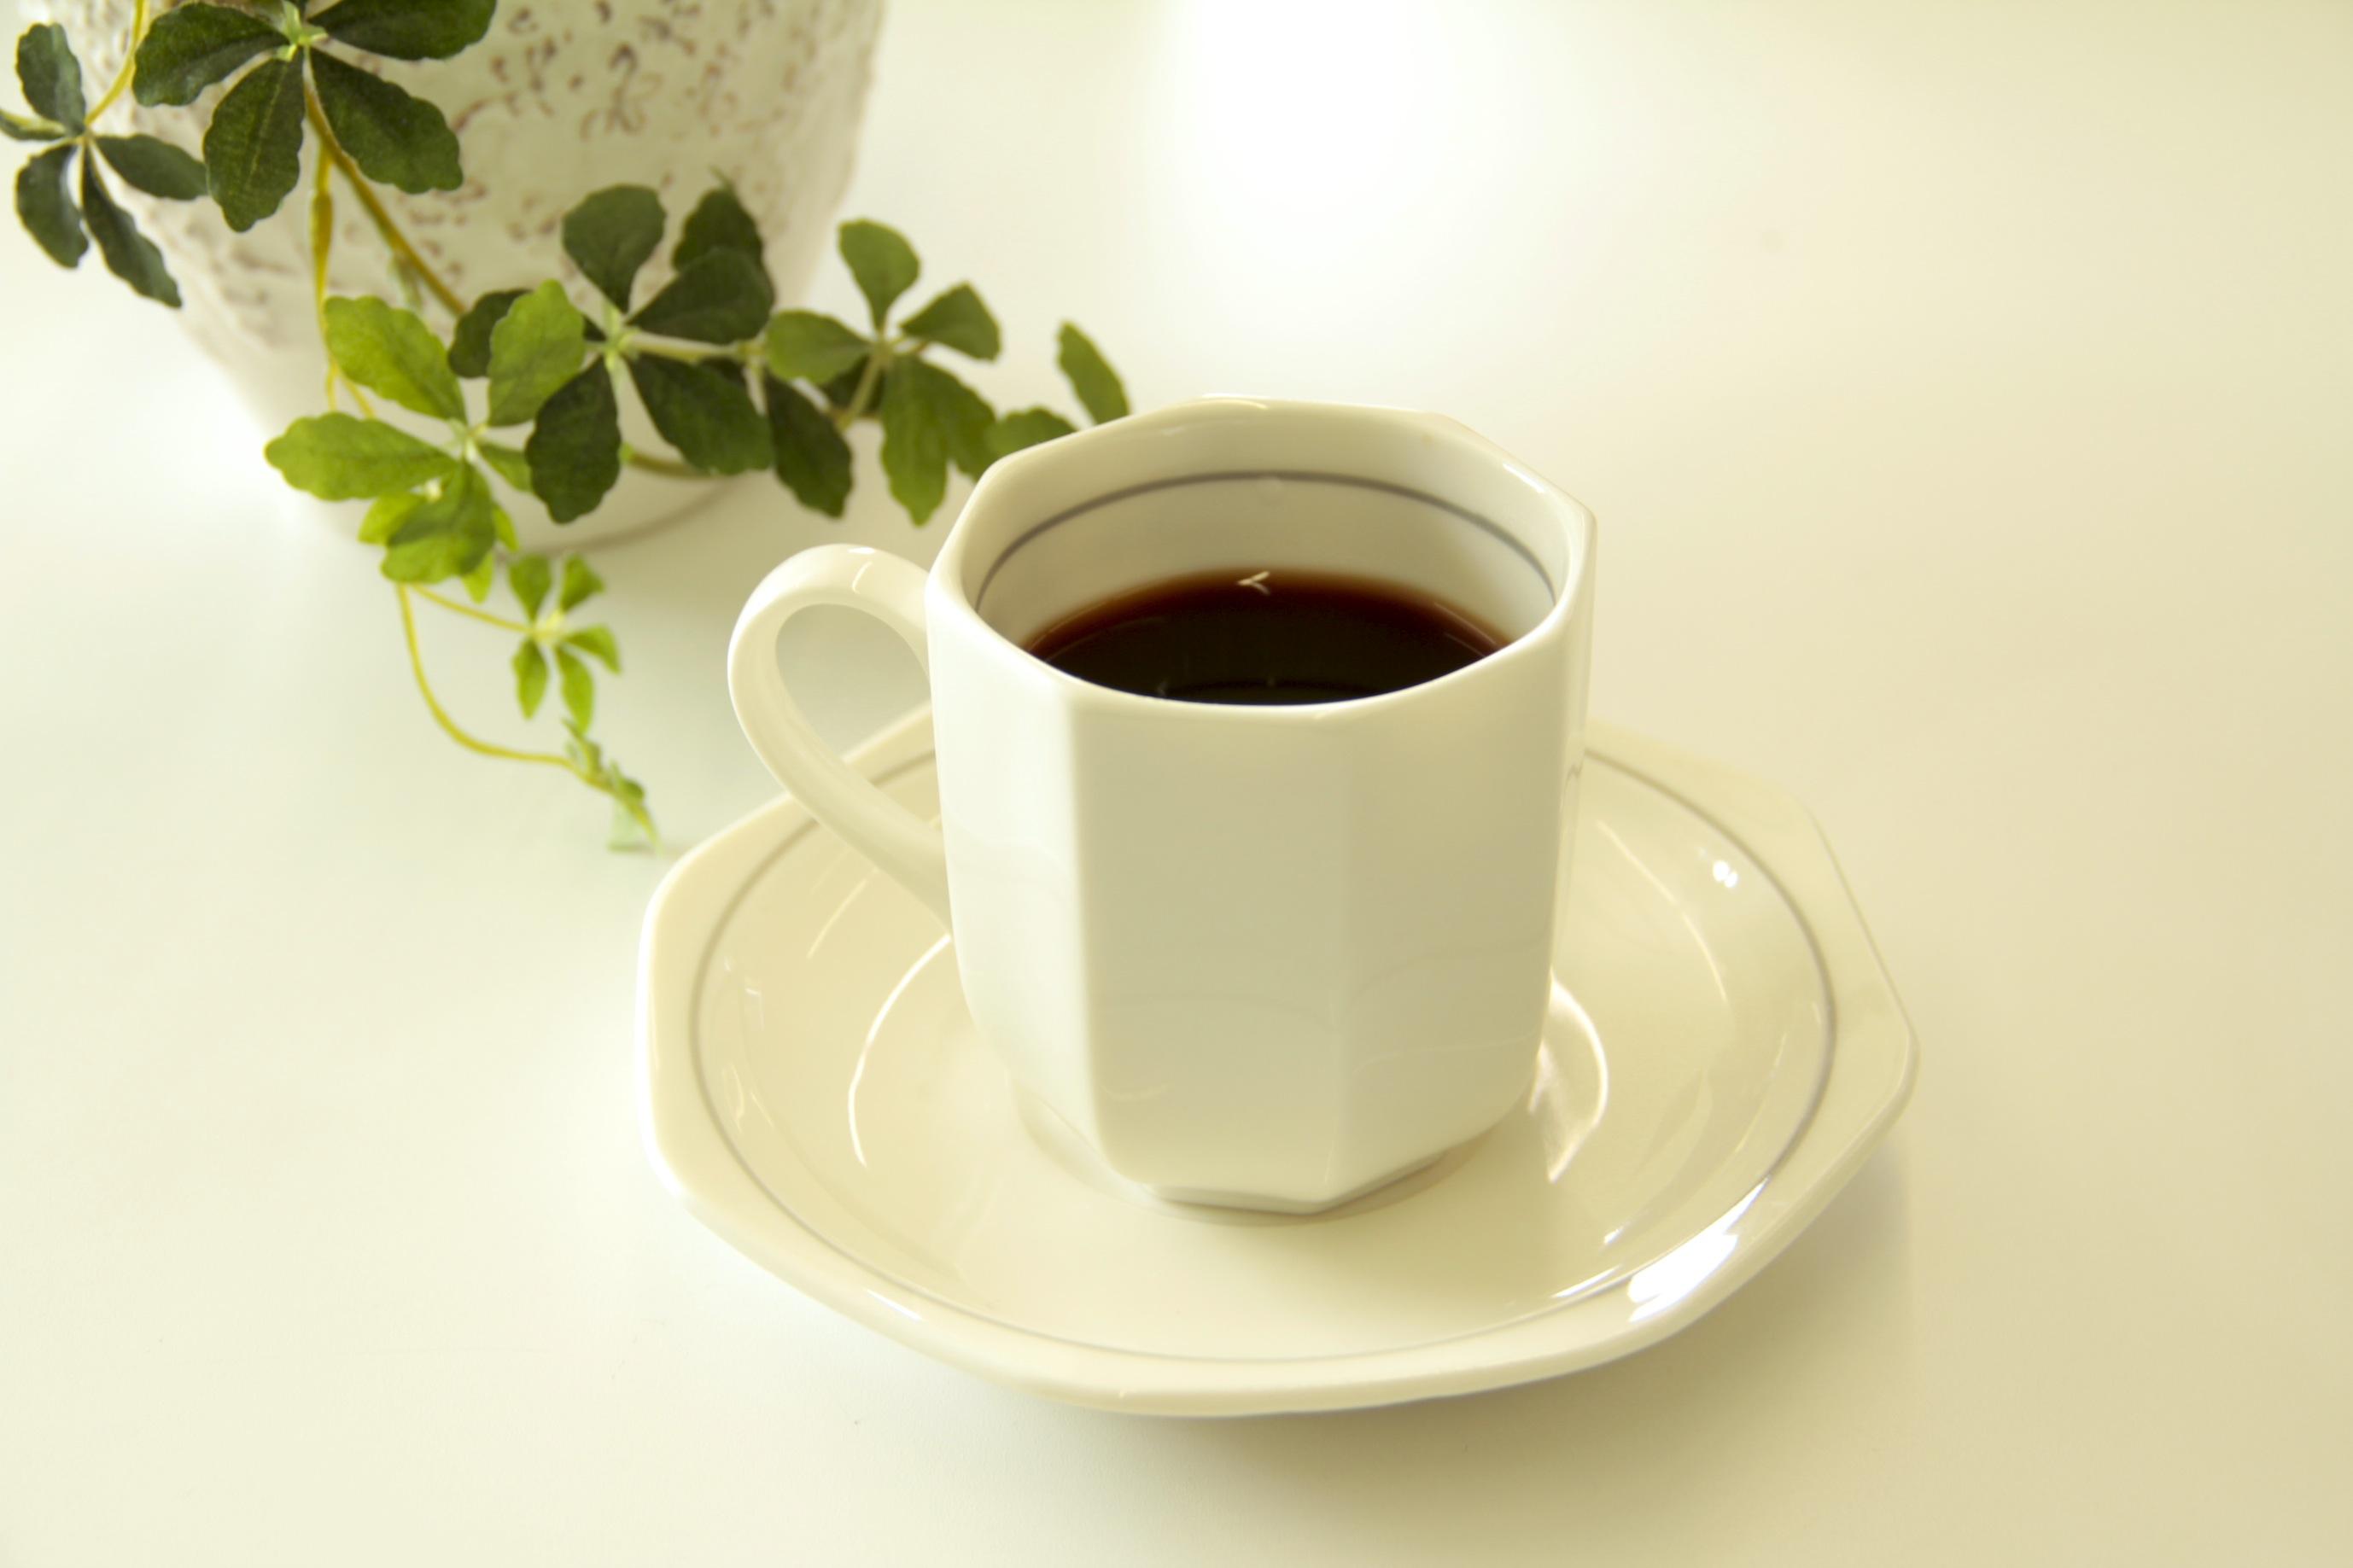 http://hacchi.jp/blog/upload/images/_MG_4724.JPG